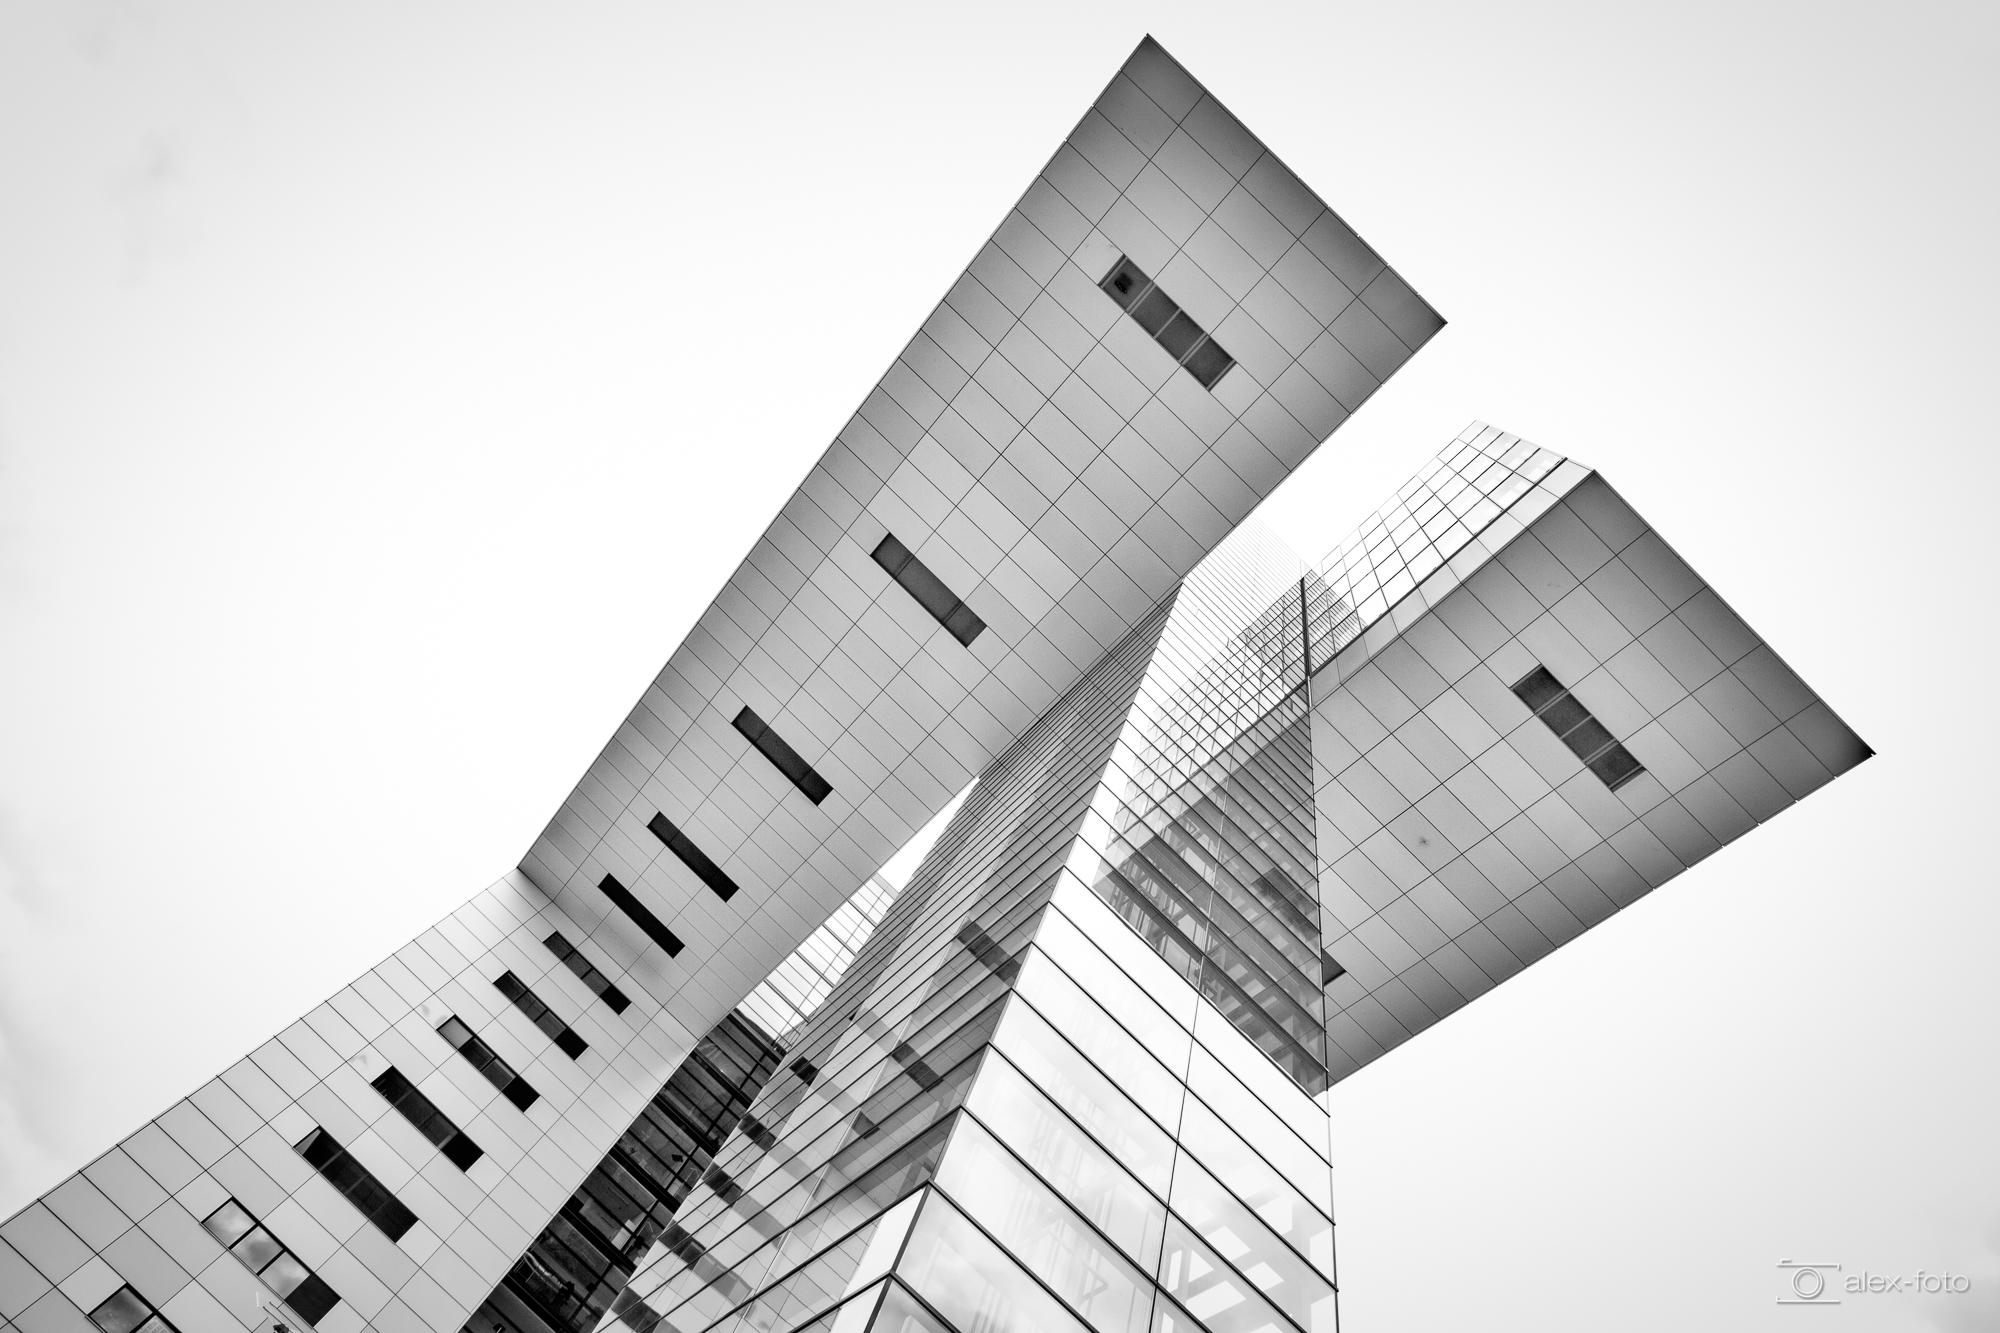 Lichtwert-BestOf_ThomasAlex_004_Kranhäuser.jpg